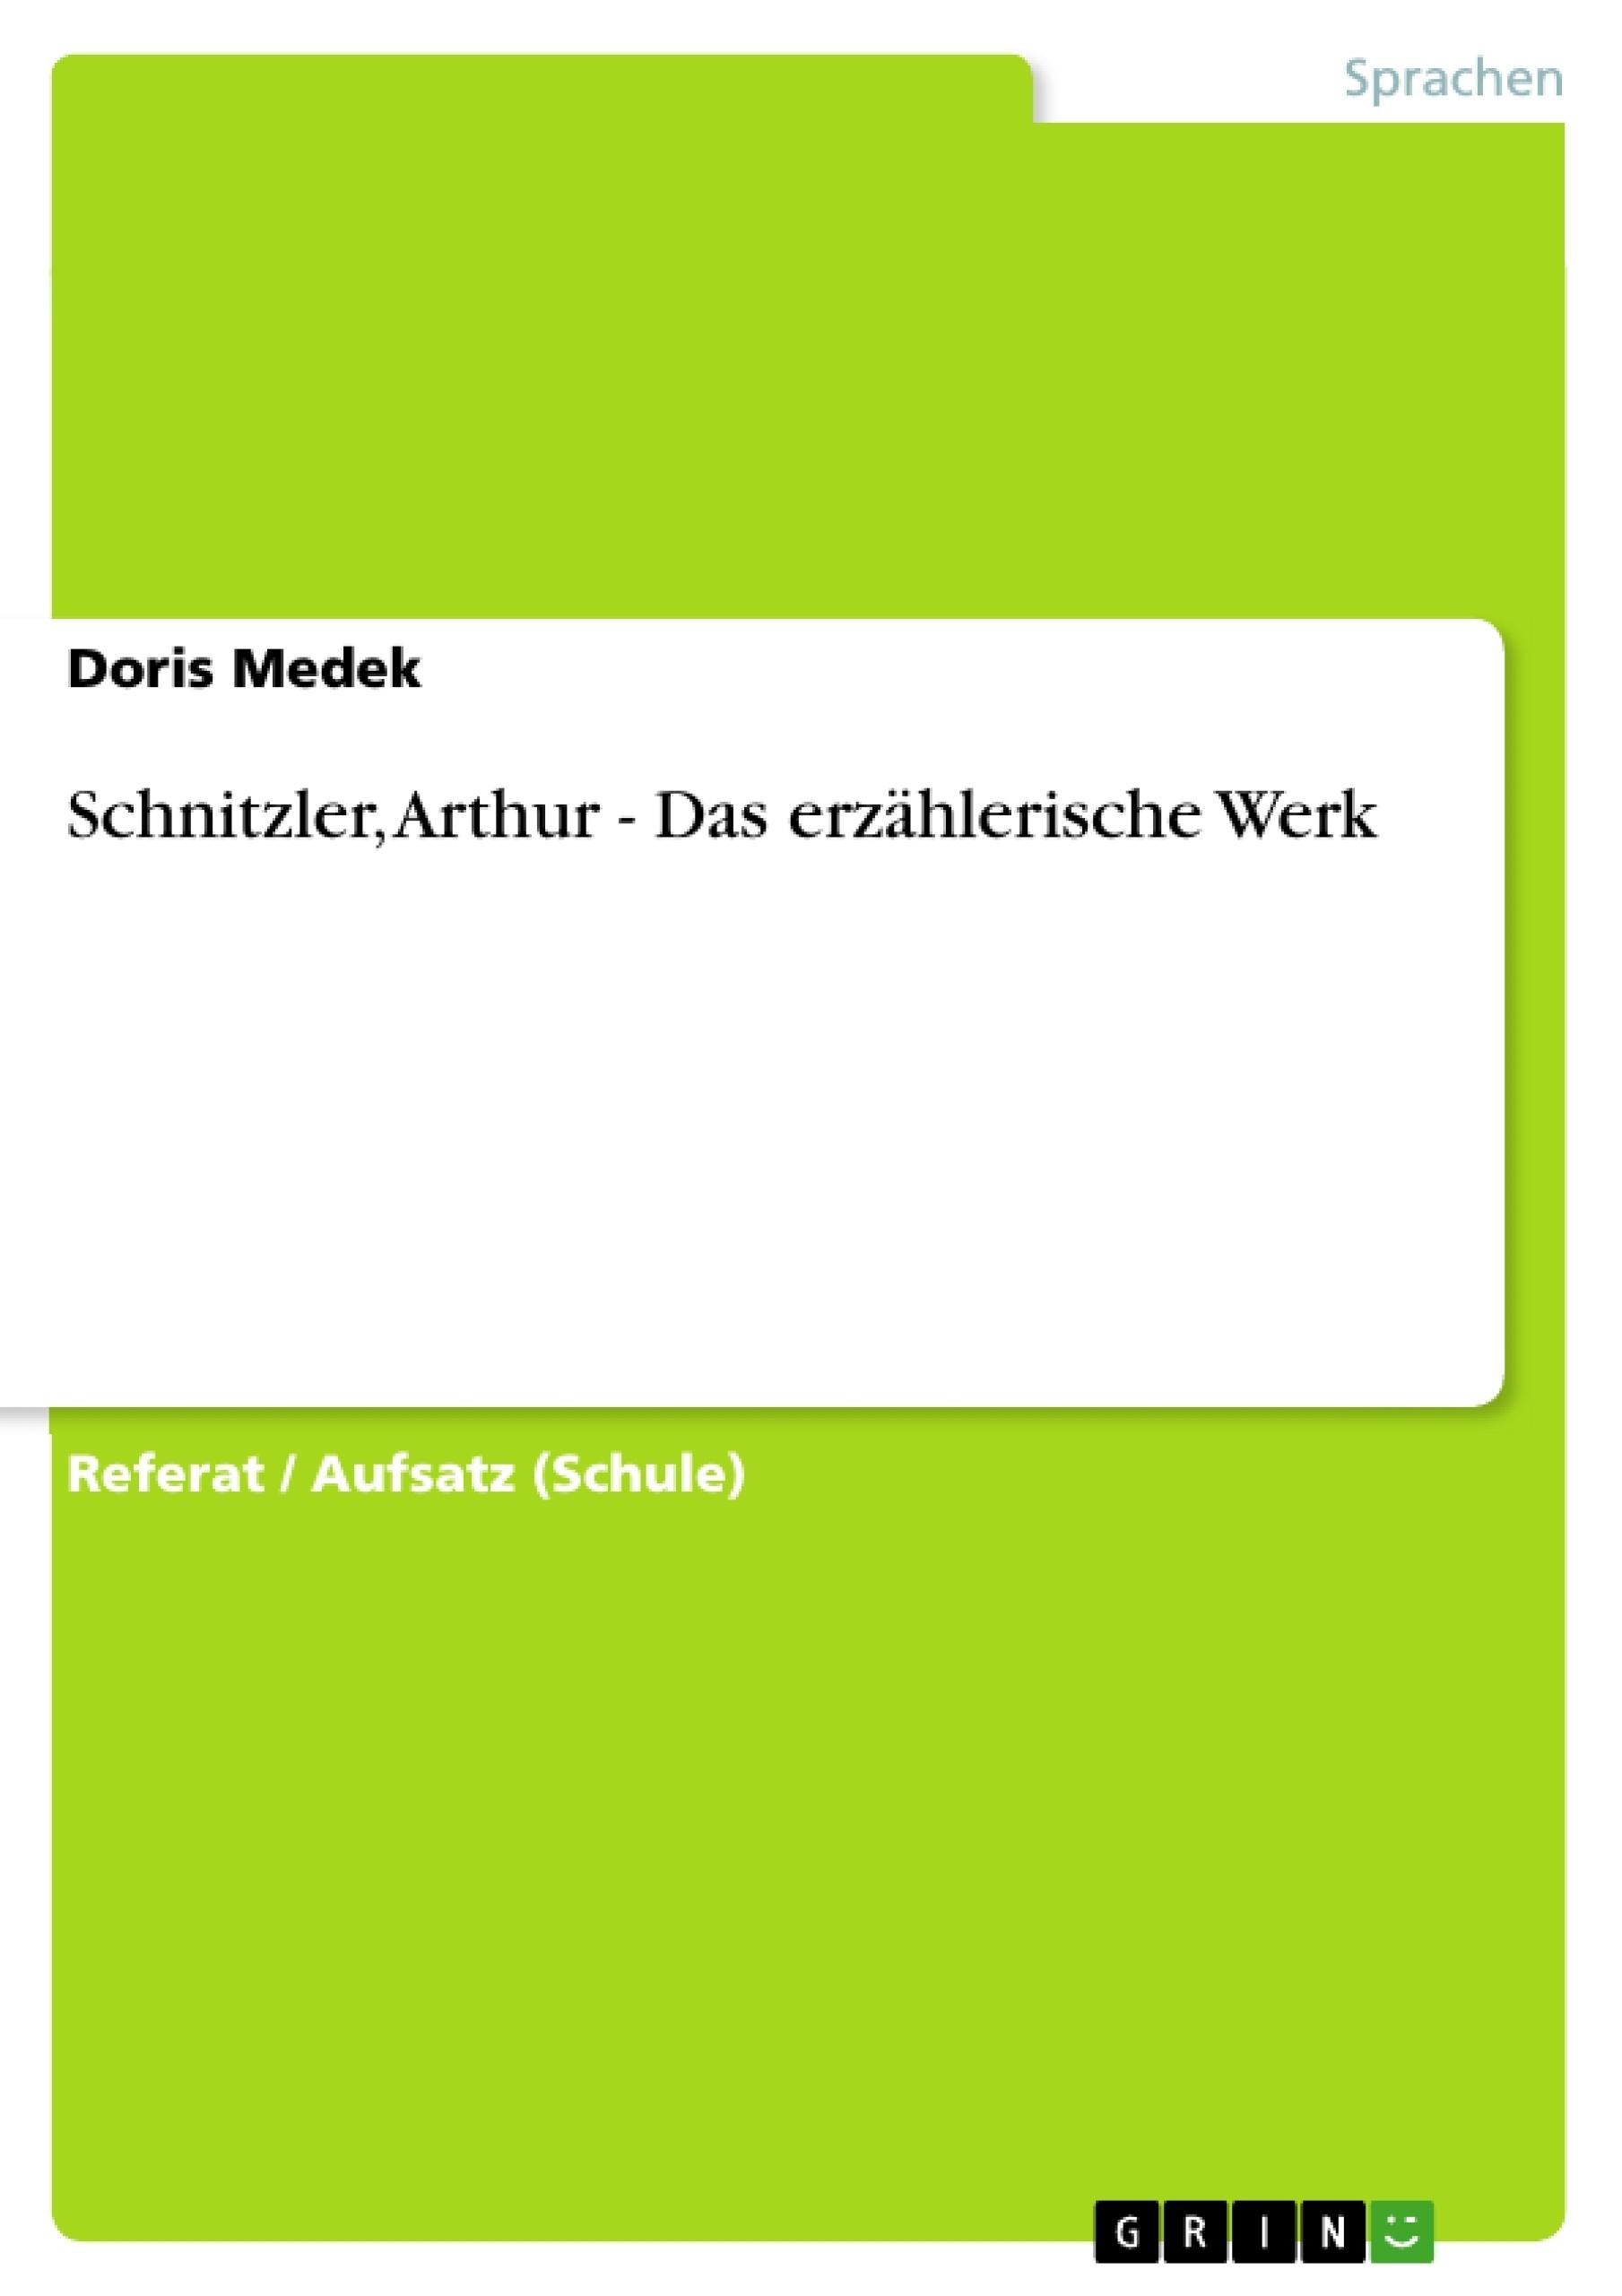 Titel: Schnitzler, Arthur - Das erzählerische Werk